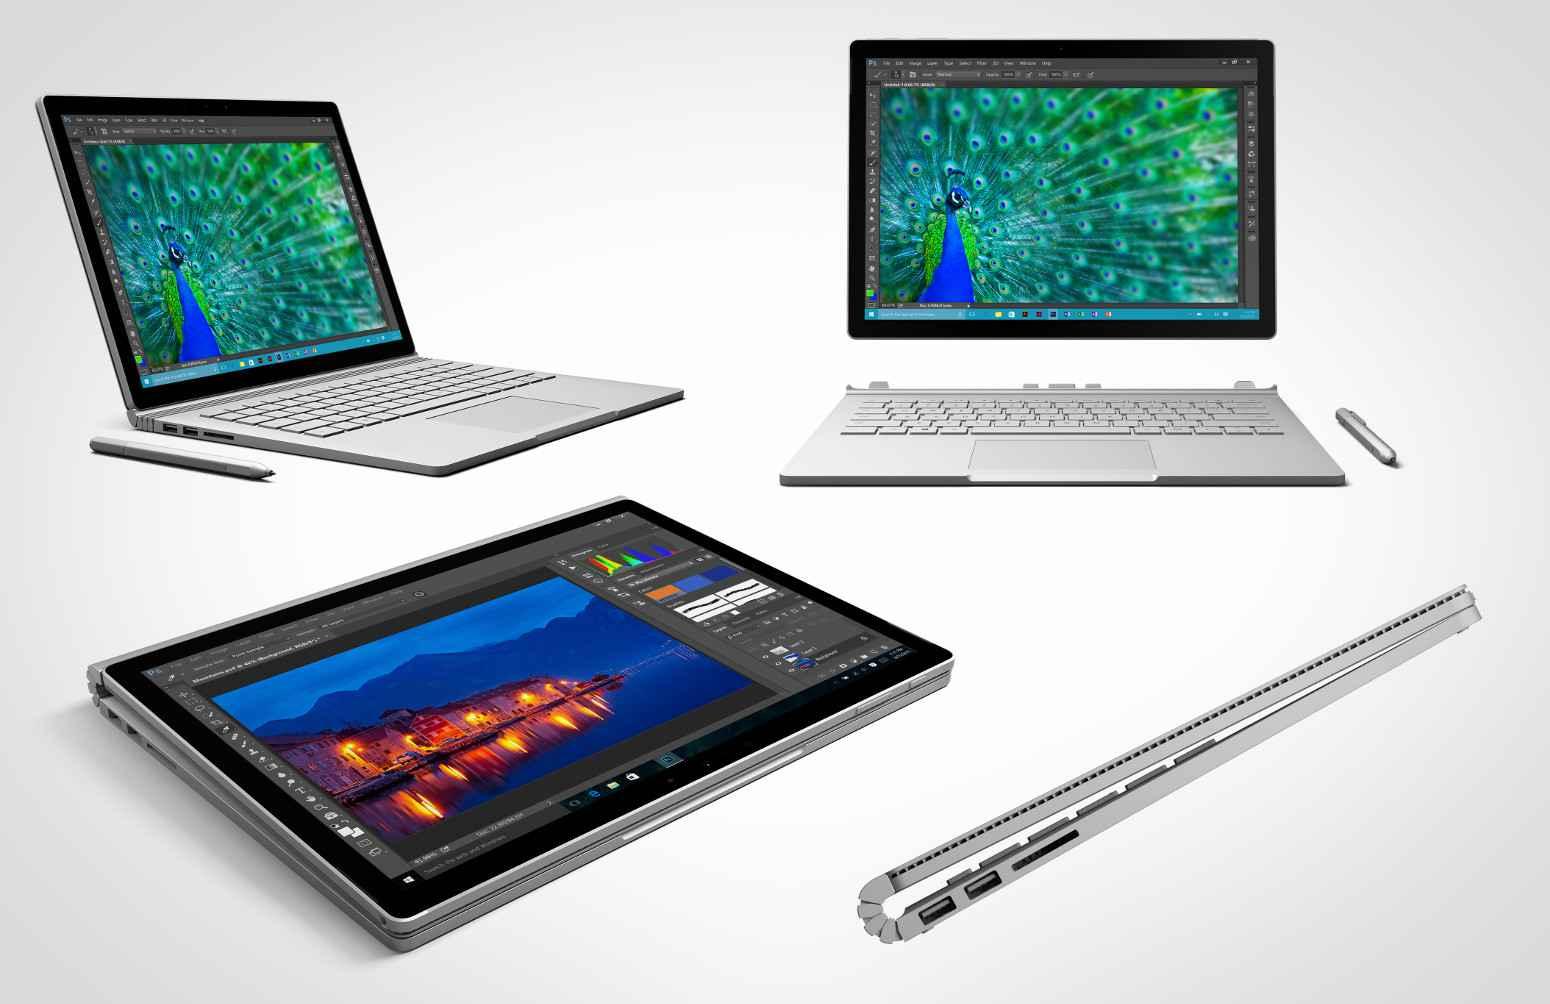 Surface-Book-%D8%B3%D9%8A%D8%B1%D9%81%D8%B3-%D8%A8%D9%88%D9%83 10 أسباب جعلت Surface Book أفضل حاسوب محمول لسنة 2015